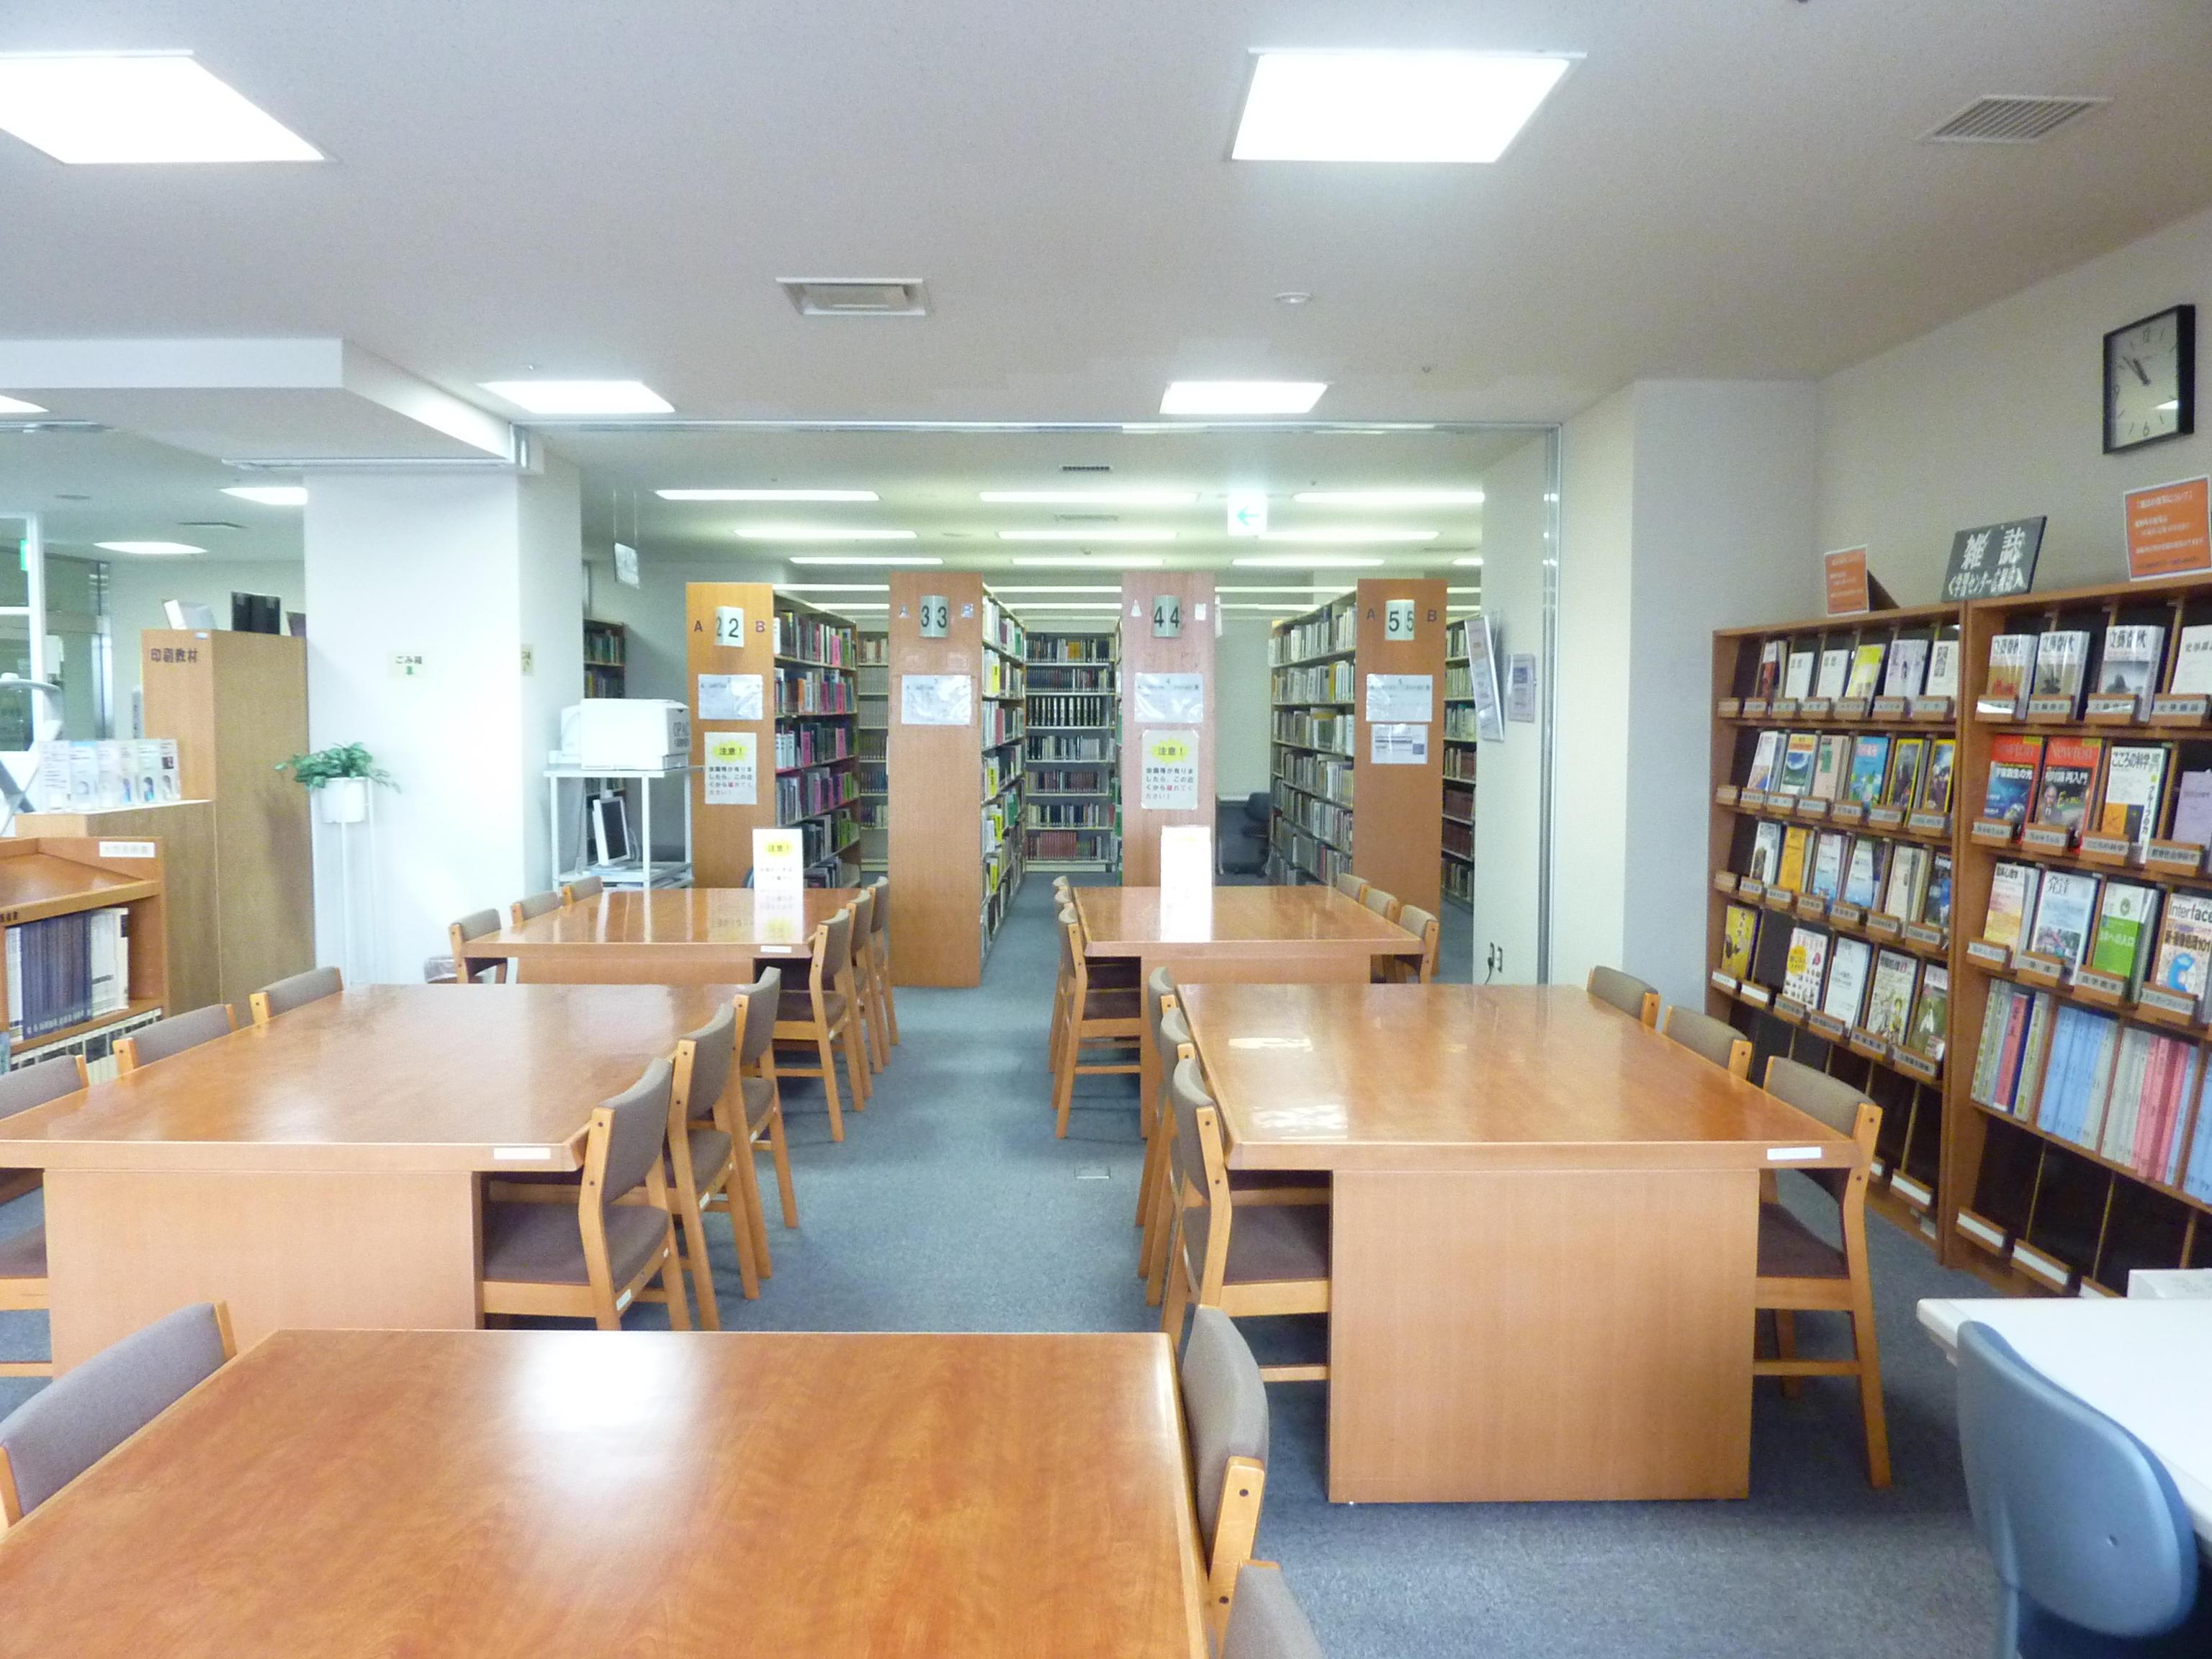 図書館 放送 大学